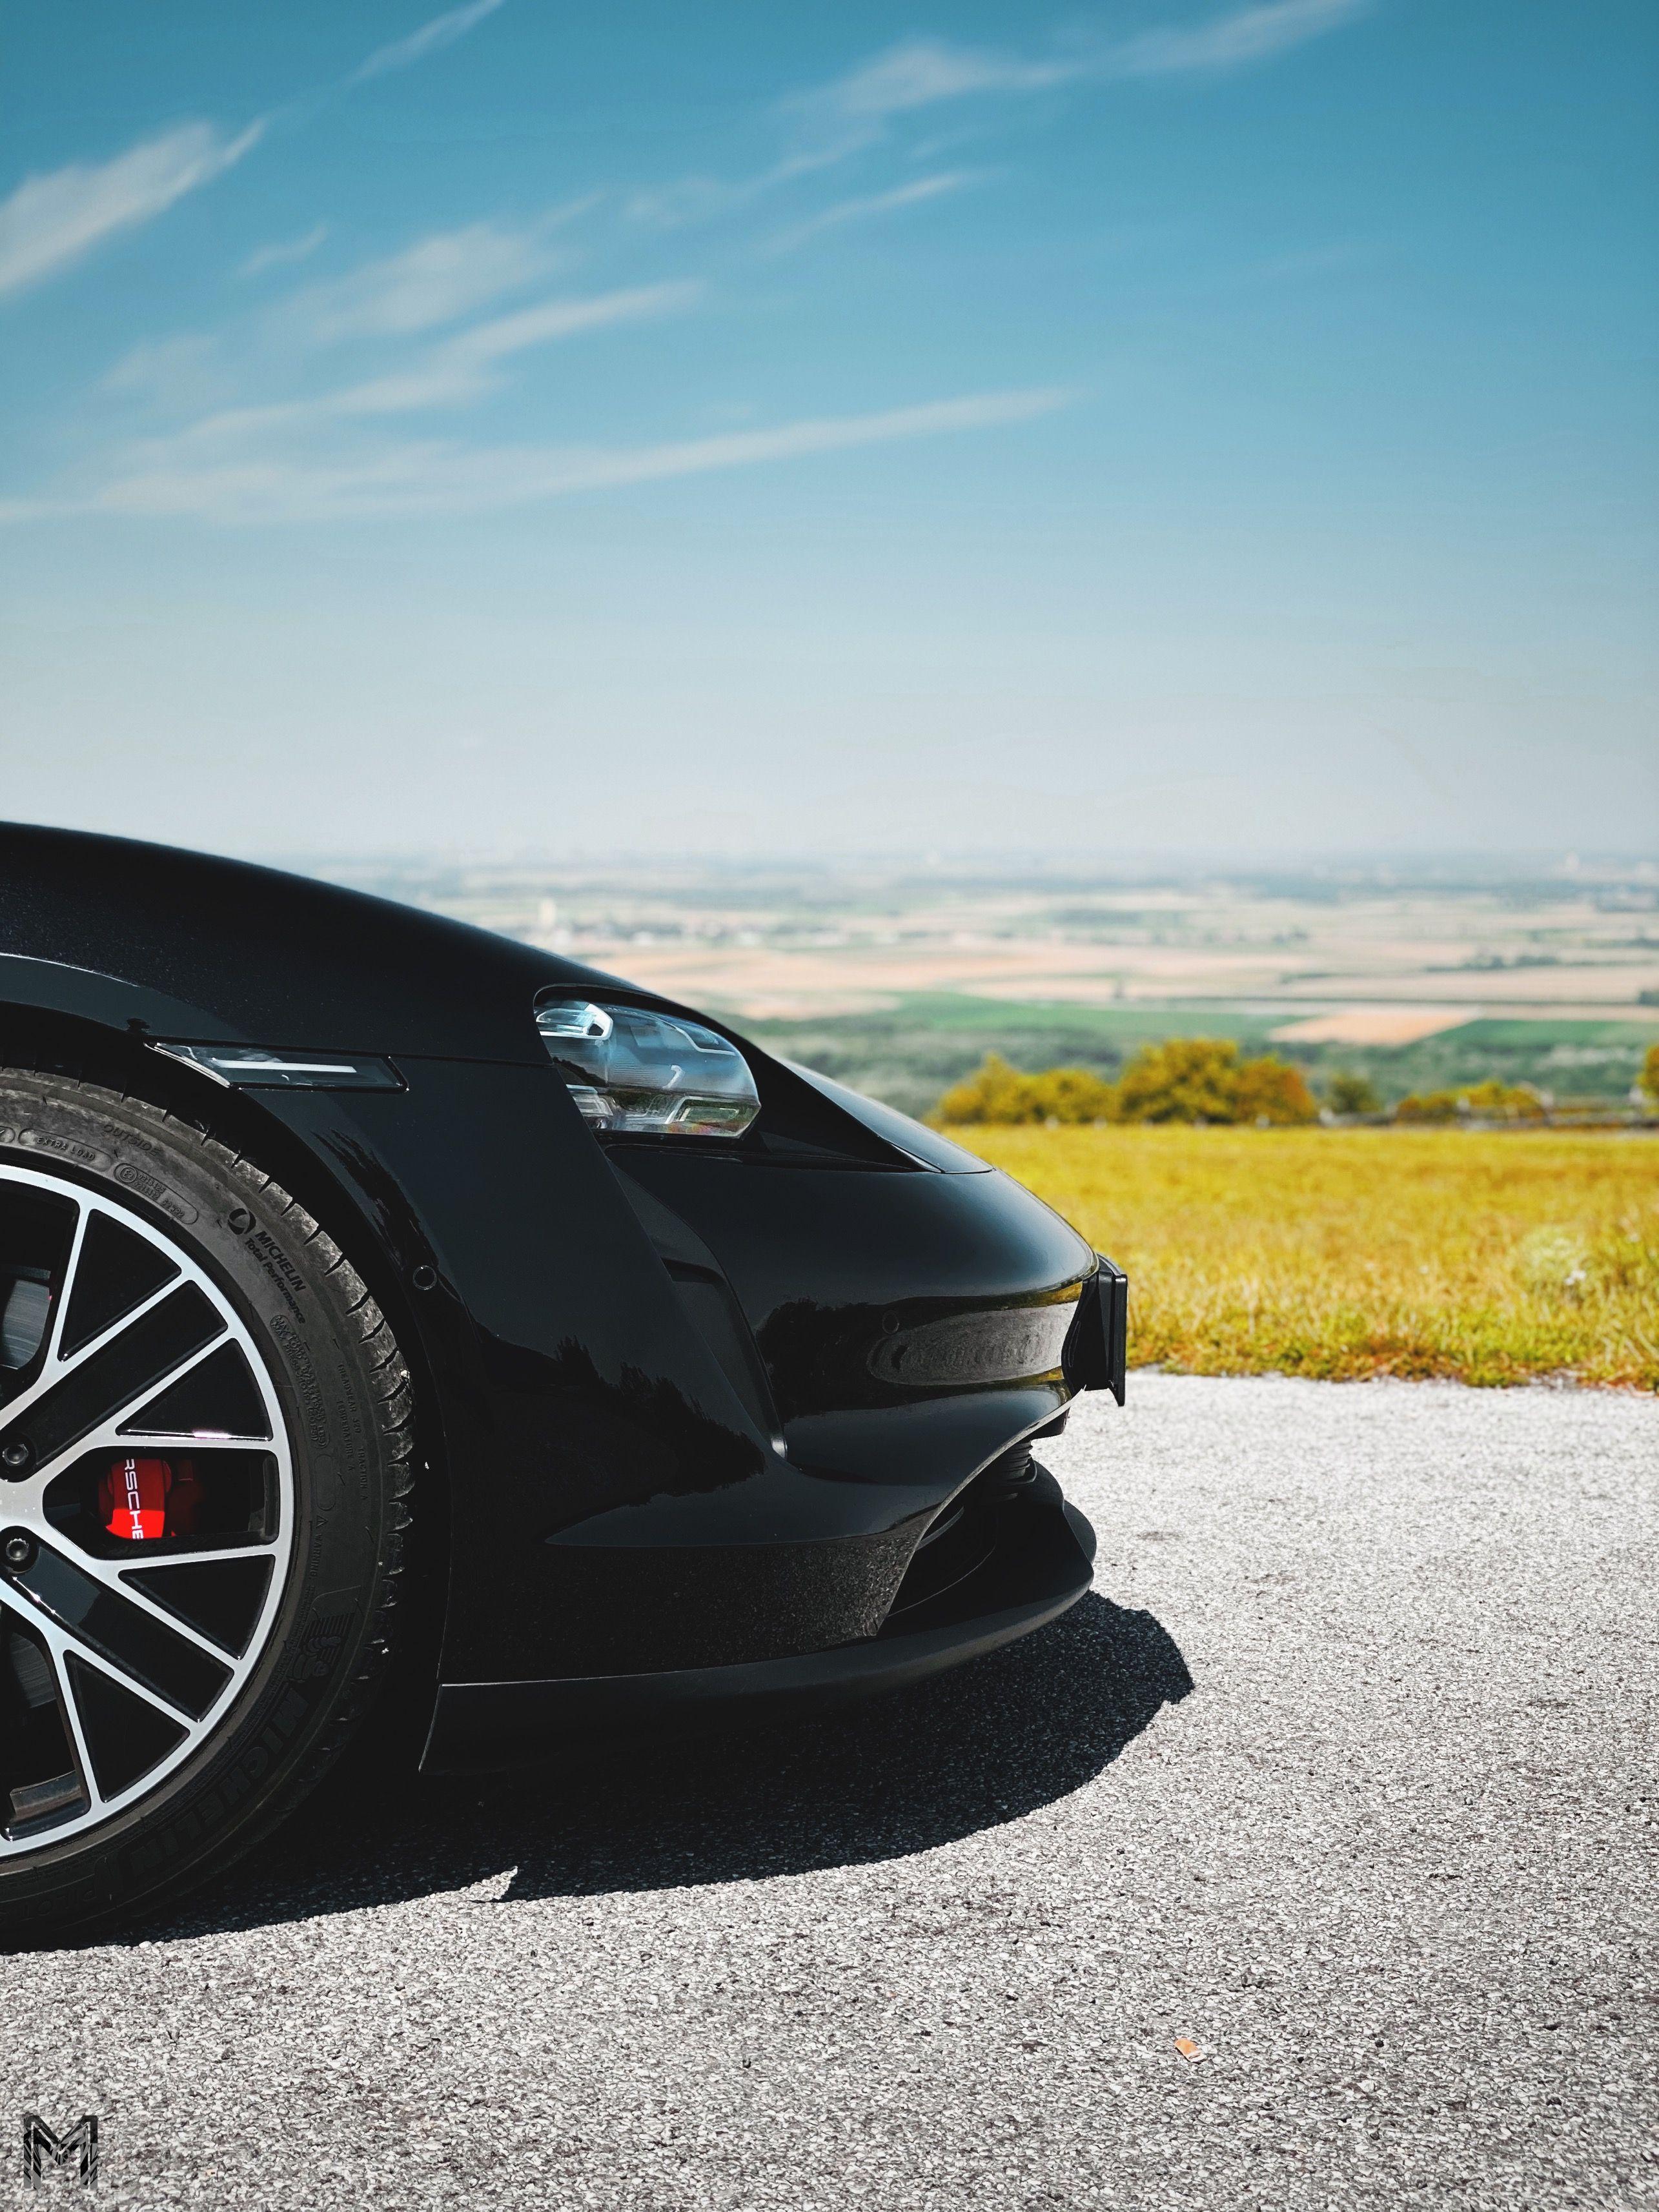 Vyskúšali sme úžasný Taycan, ktorým Porsche dokazuje, že aj elektromobil môže byť naozaj športový